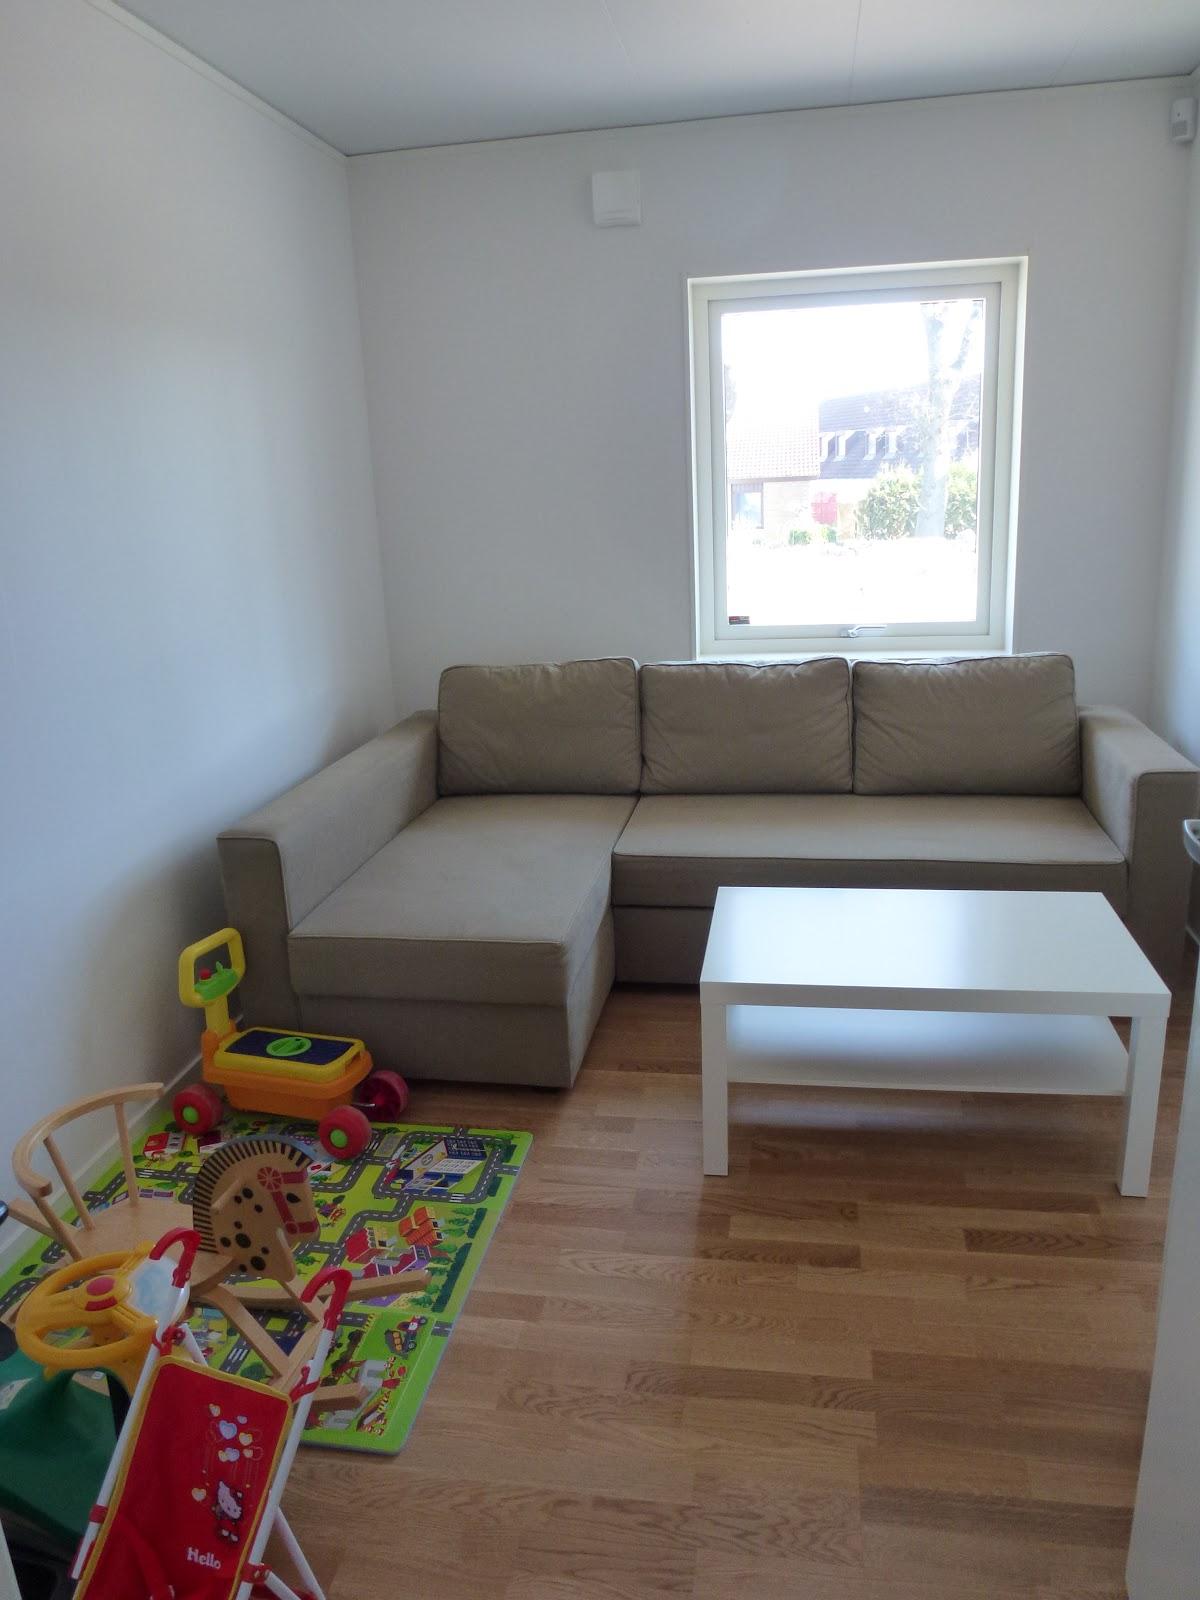 Vi byggar villa kalmar från smålandsvillan = : april 2012